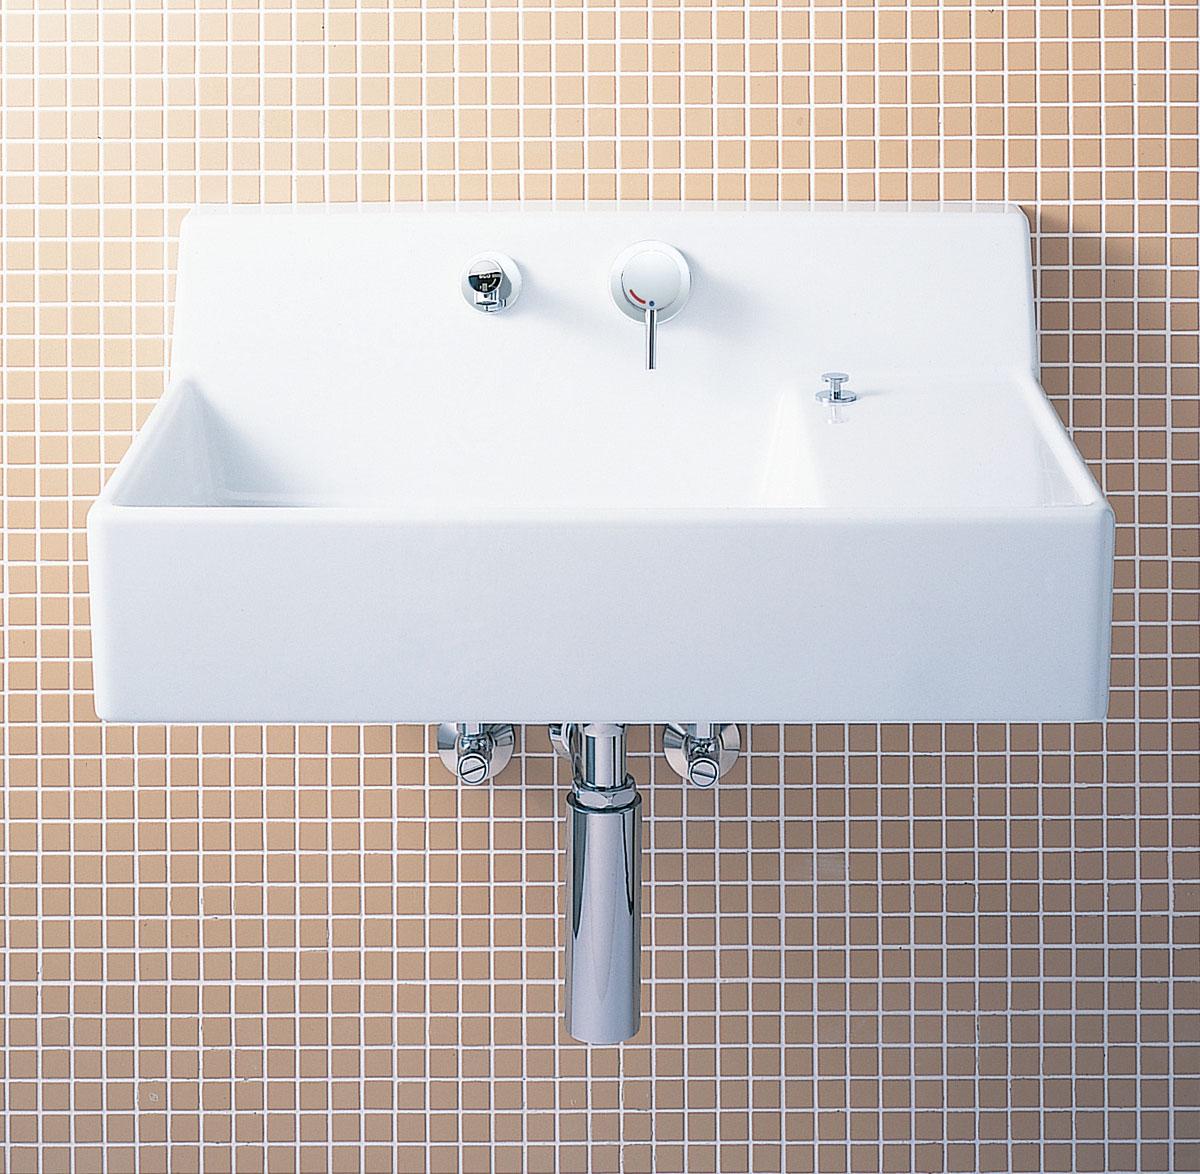 贅沢品 LIXIL INAX サティス洗面器(YL-537タイプ) 壁付式 床排水(ボトルトラップ) YL-A537TP(C) YL-A537TQ(C):アクアshop-木材・建築資材・設備